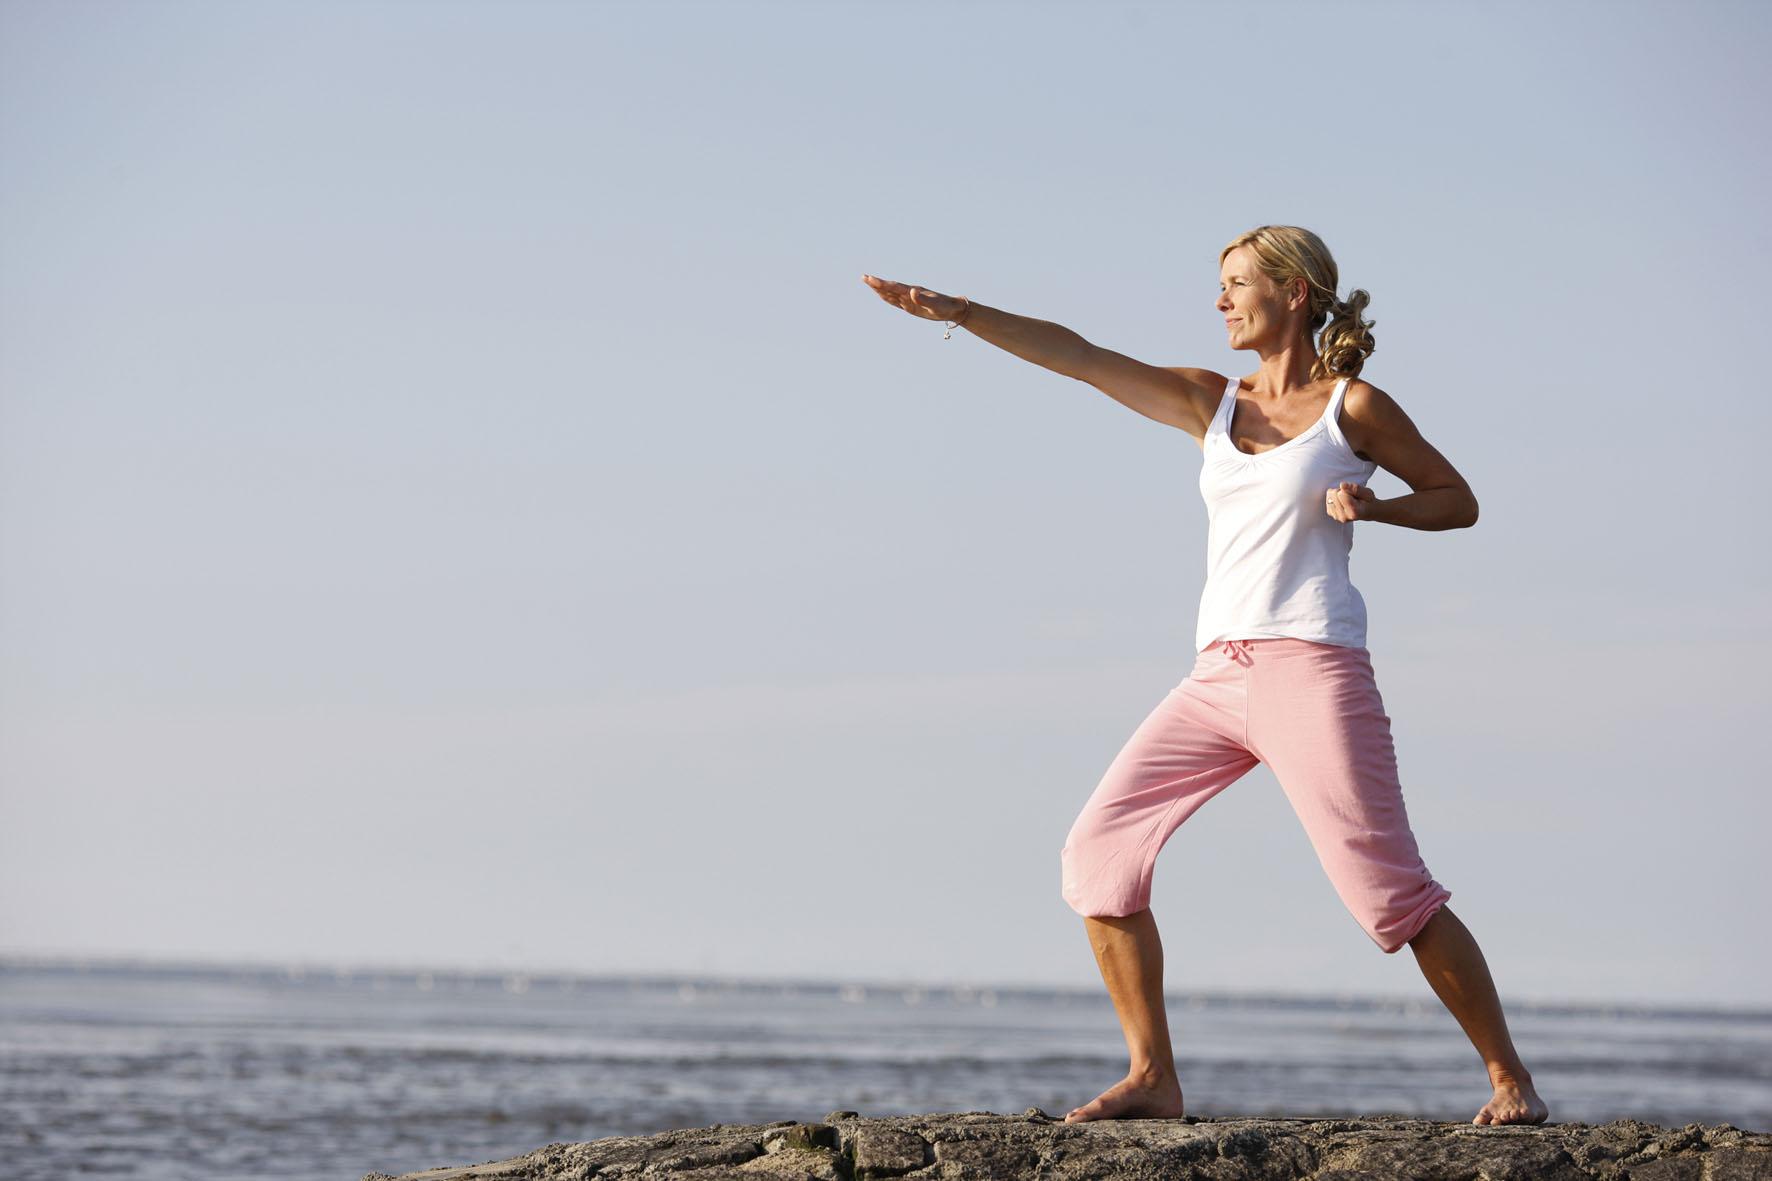 Wellnessurlaub Eine Thalasso-Therapie an der Nordsee tut Körper und Seele gut.